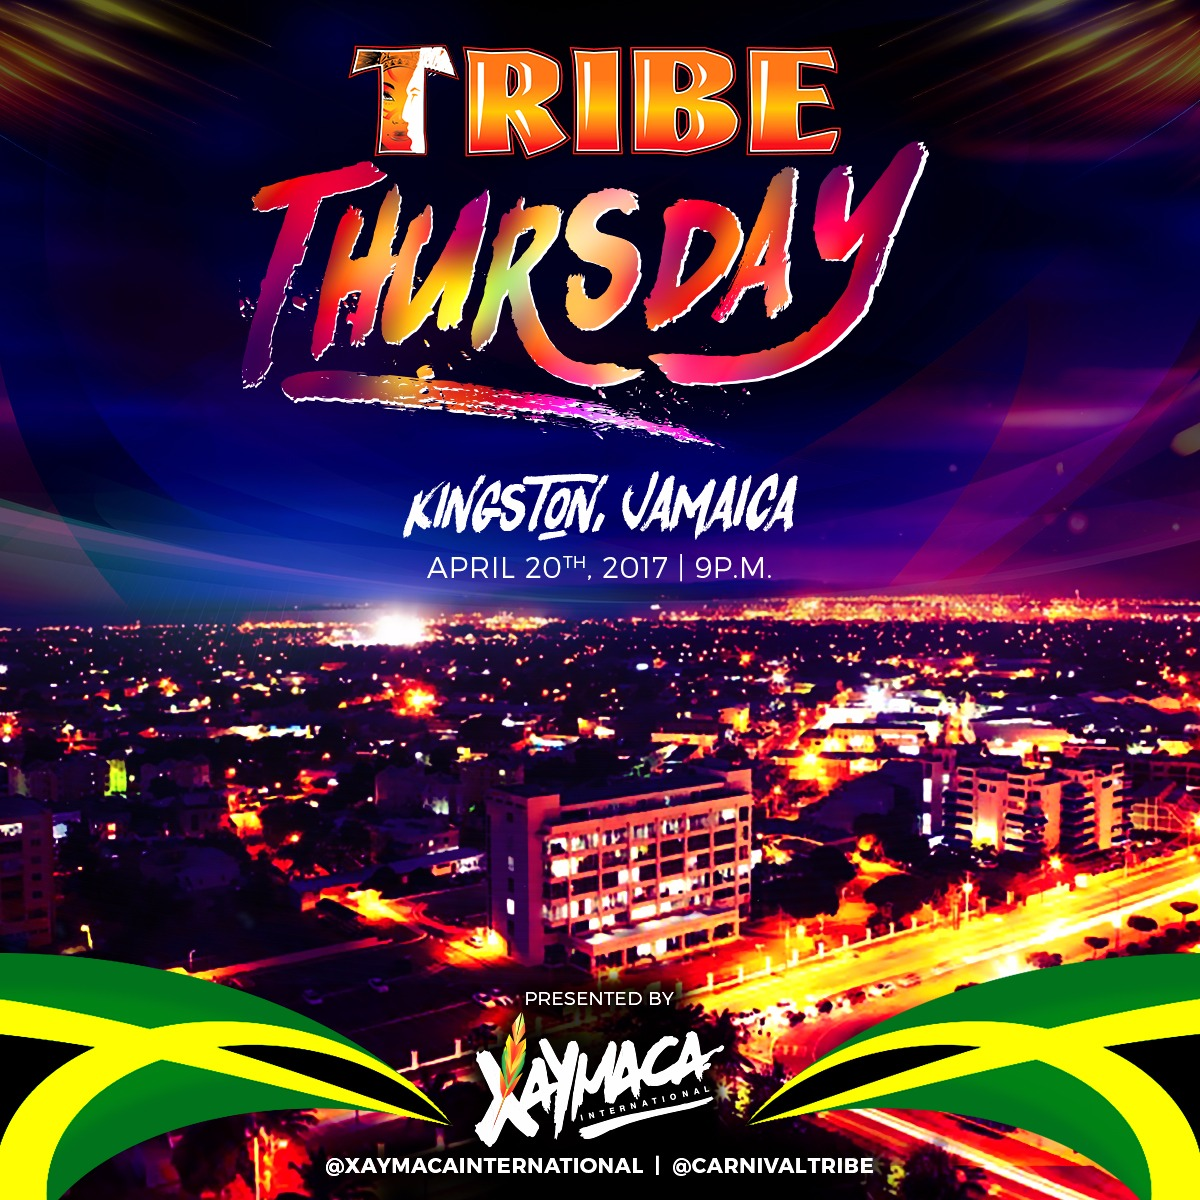 TRIBE Thursday Jamaica 2017